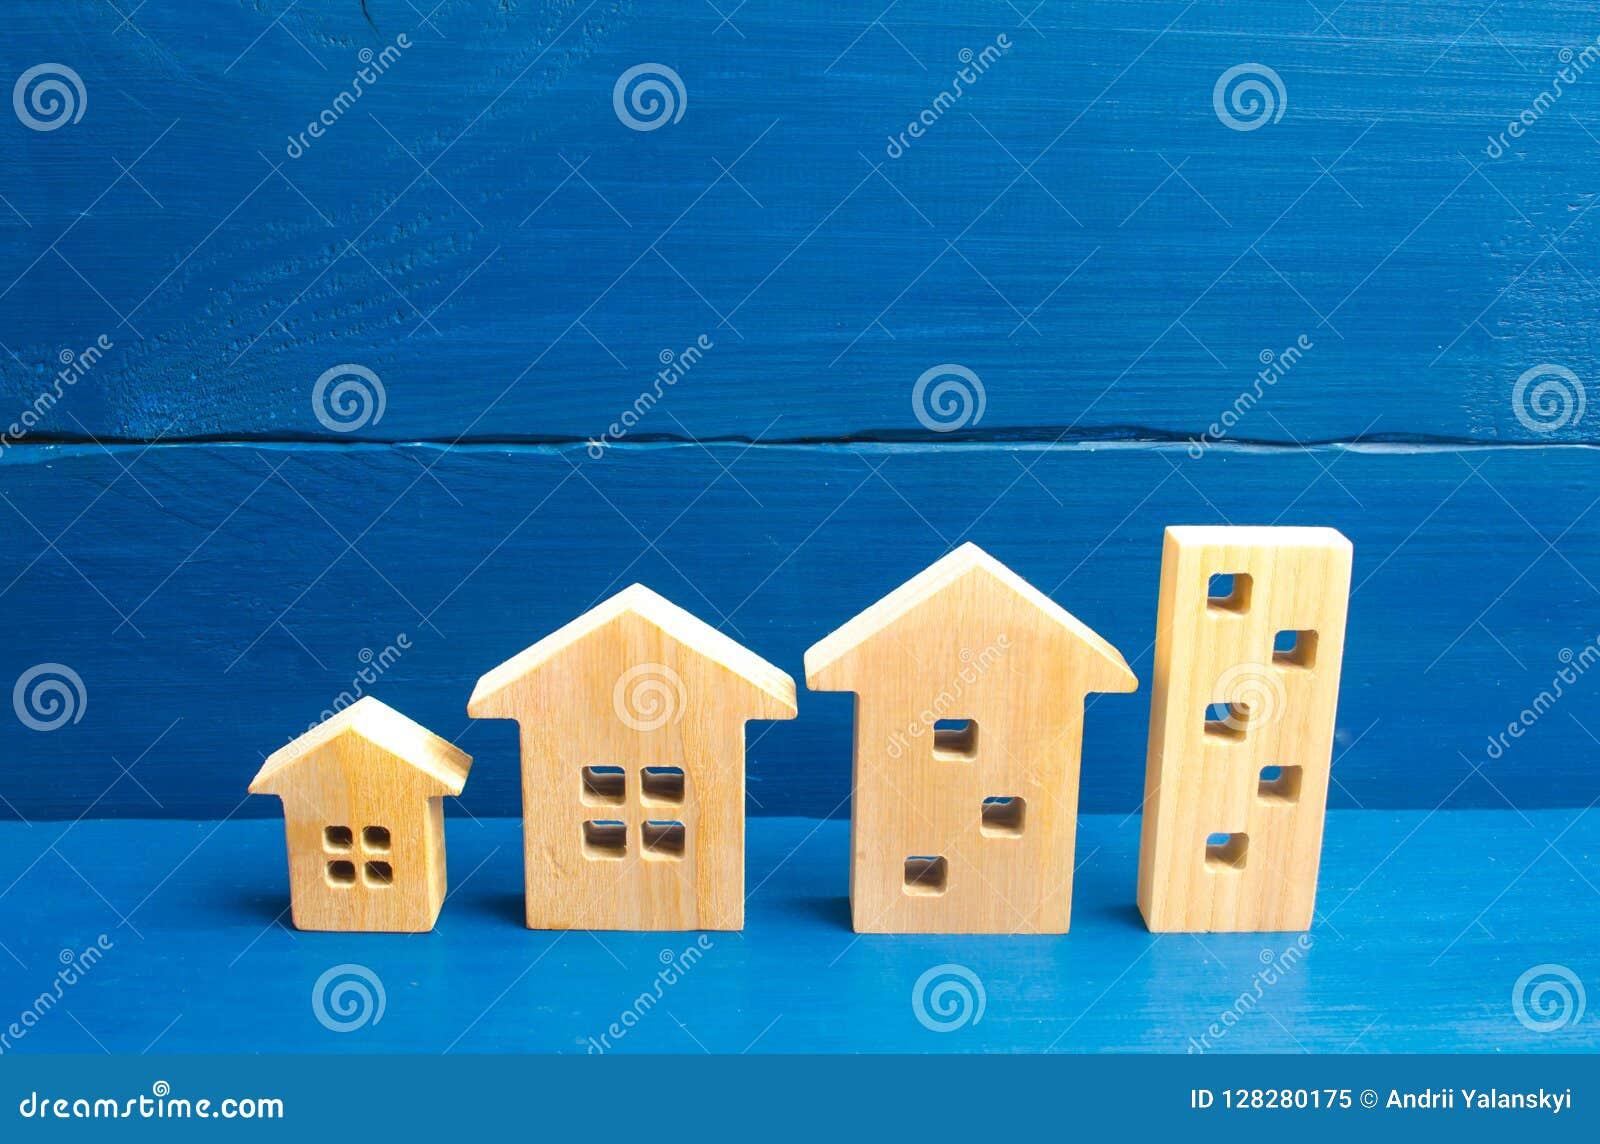 Huizentribune op een rij van eenvoudig tot groot Concept met urbanisatie en bevolkingsdichtheid De groei van steden, de bouw